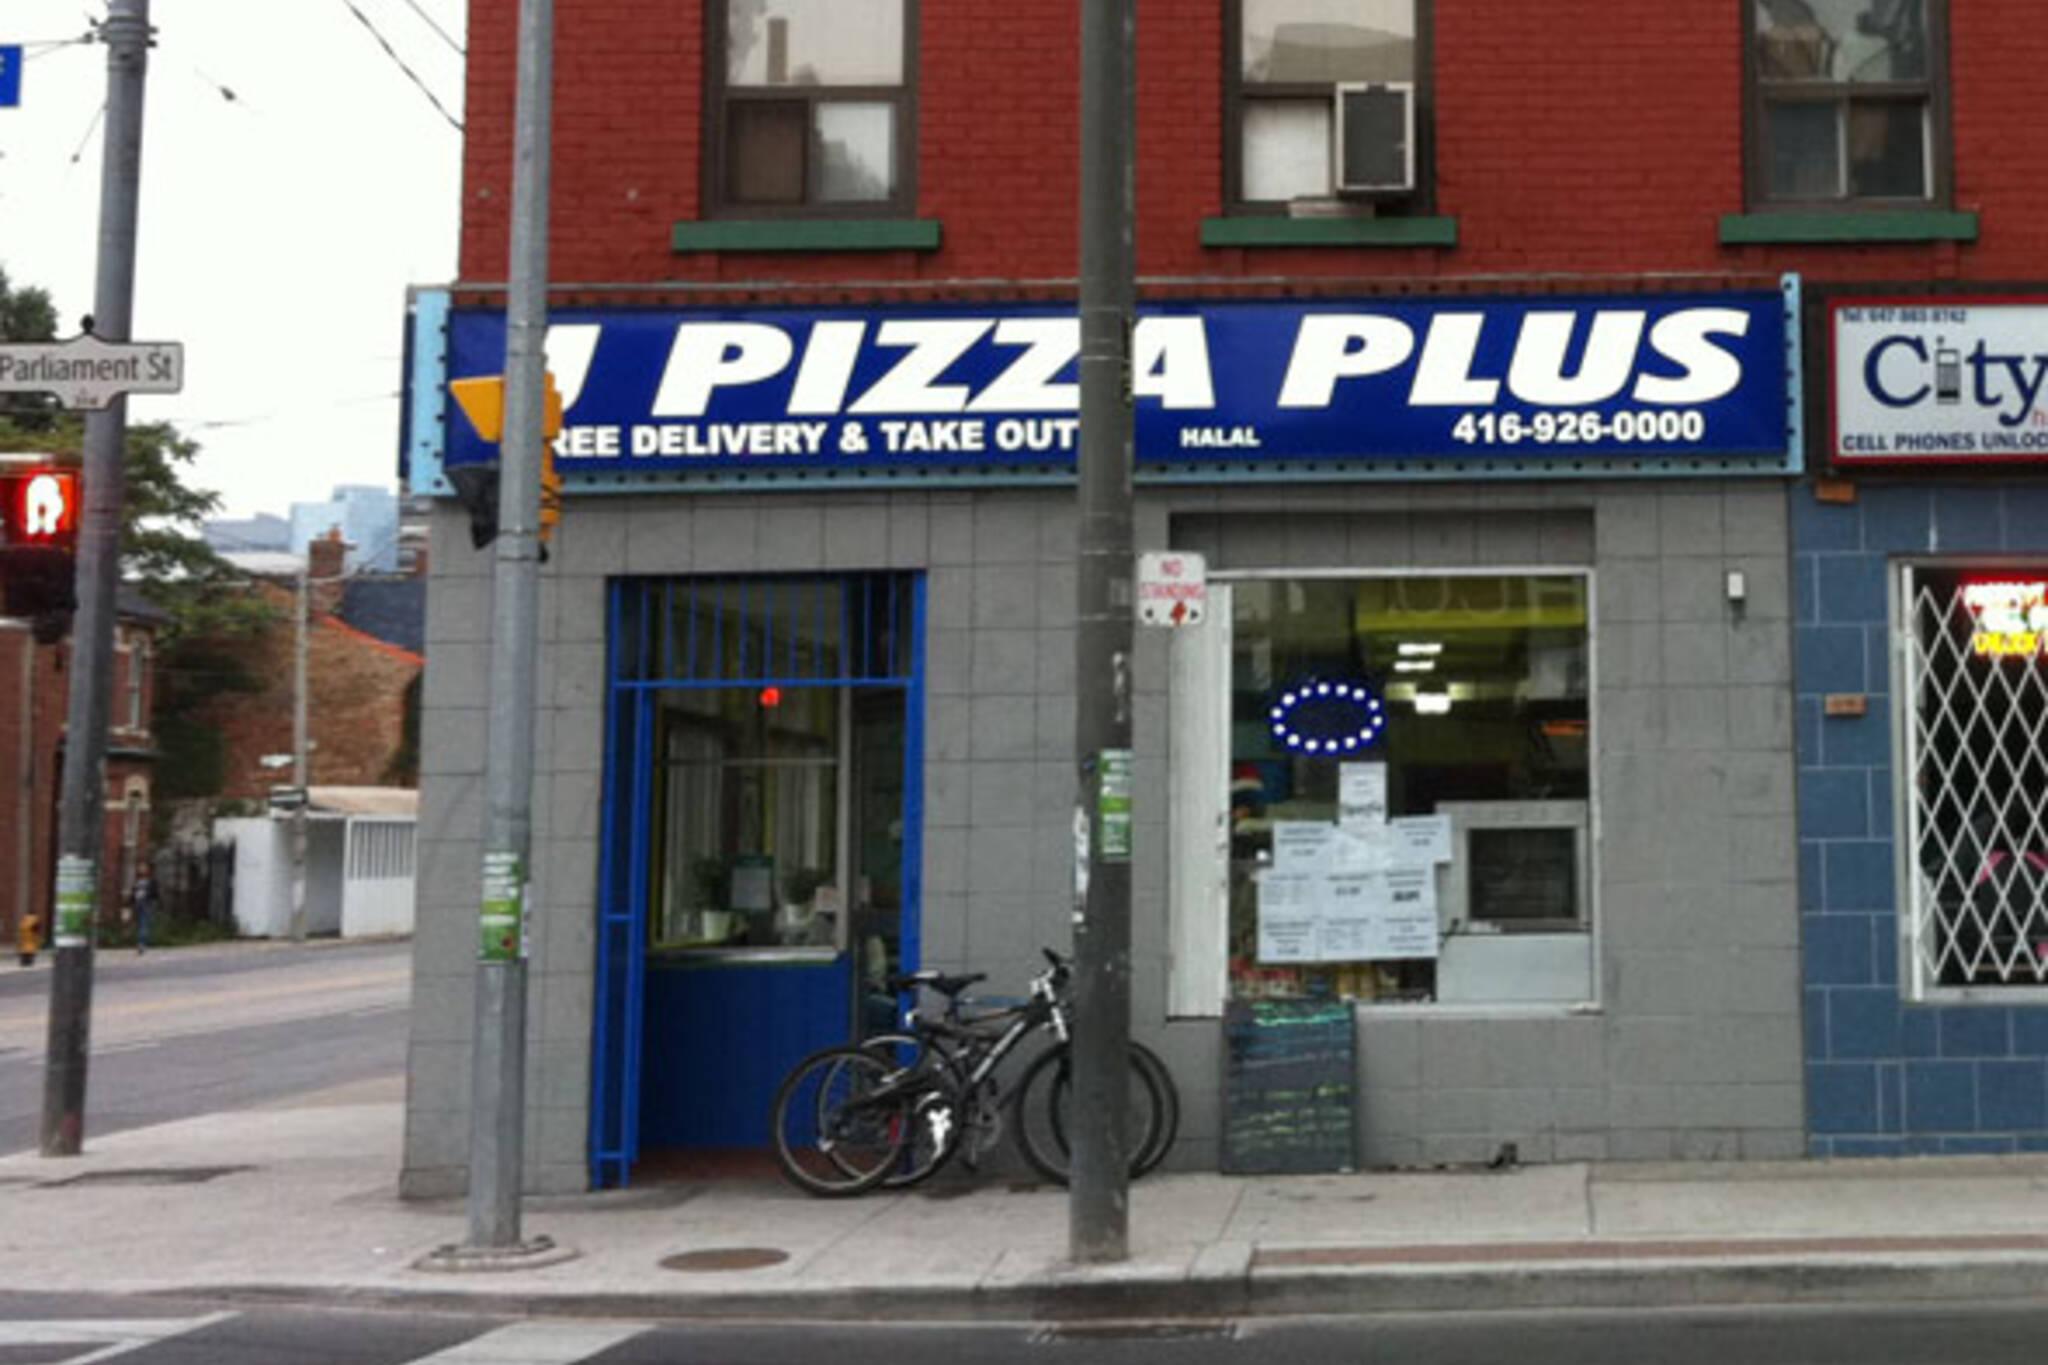 J Pizza Plus